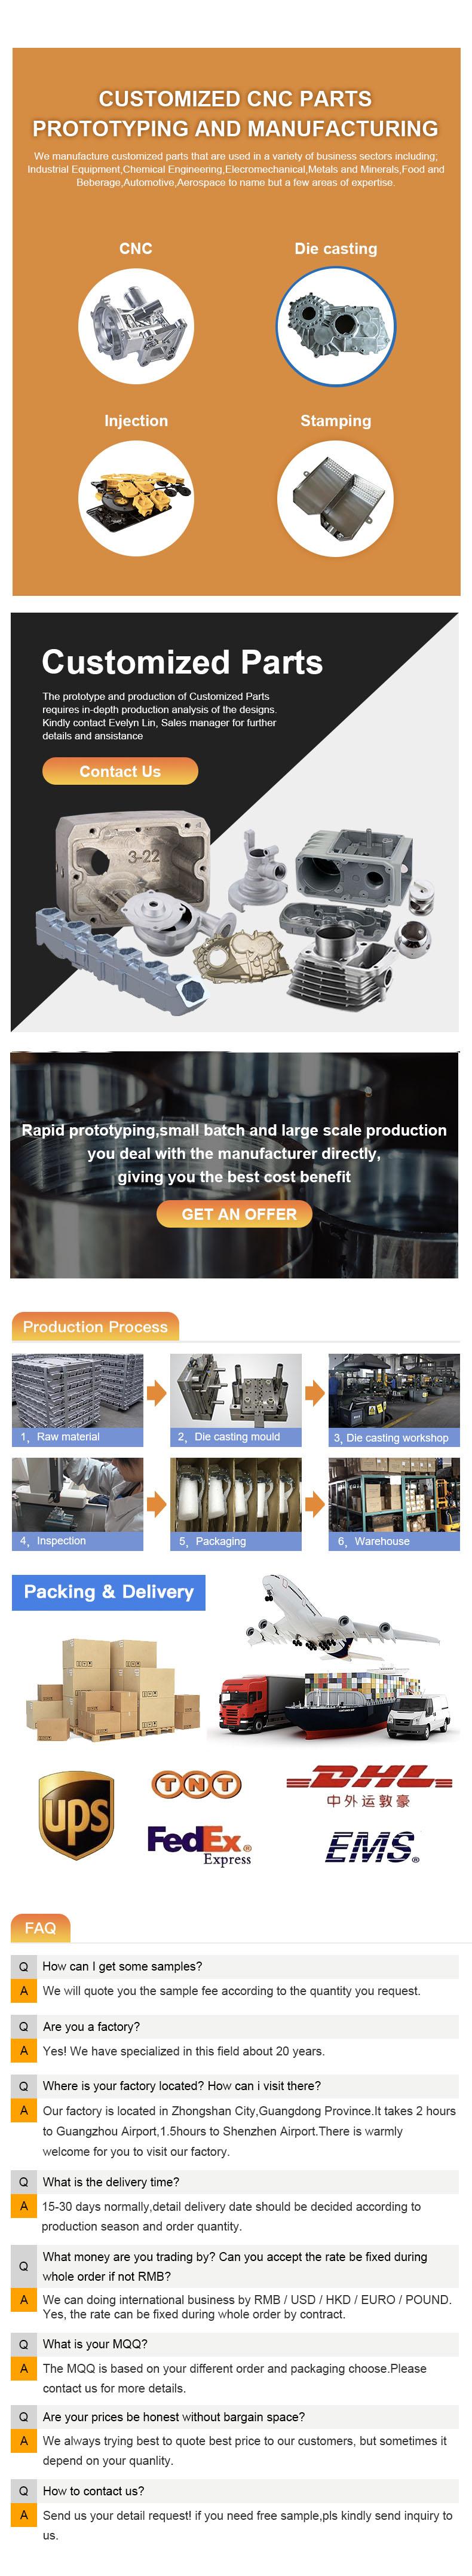 zinc die casting parts,CNC MACHINING PARTS,PRECISION CNC MACHINING PARTS,CNC ALUMINUM PARTS,Machined Products,CNC Machined Products,BoYang Hardware Products